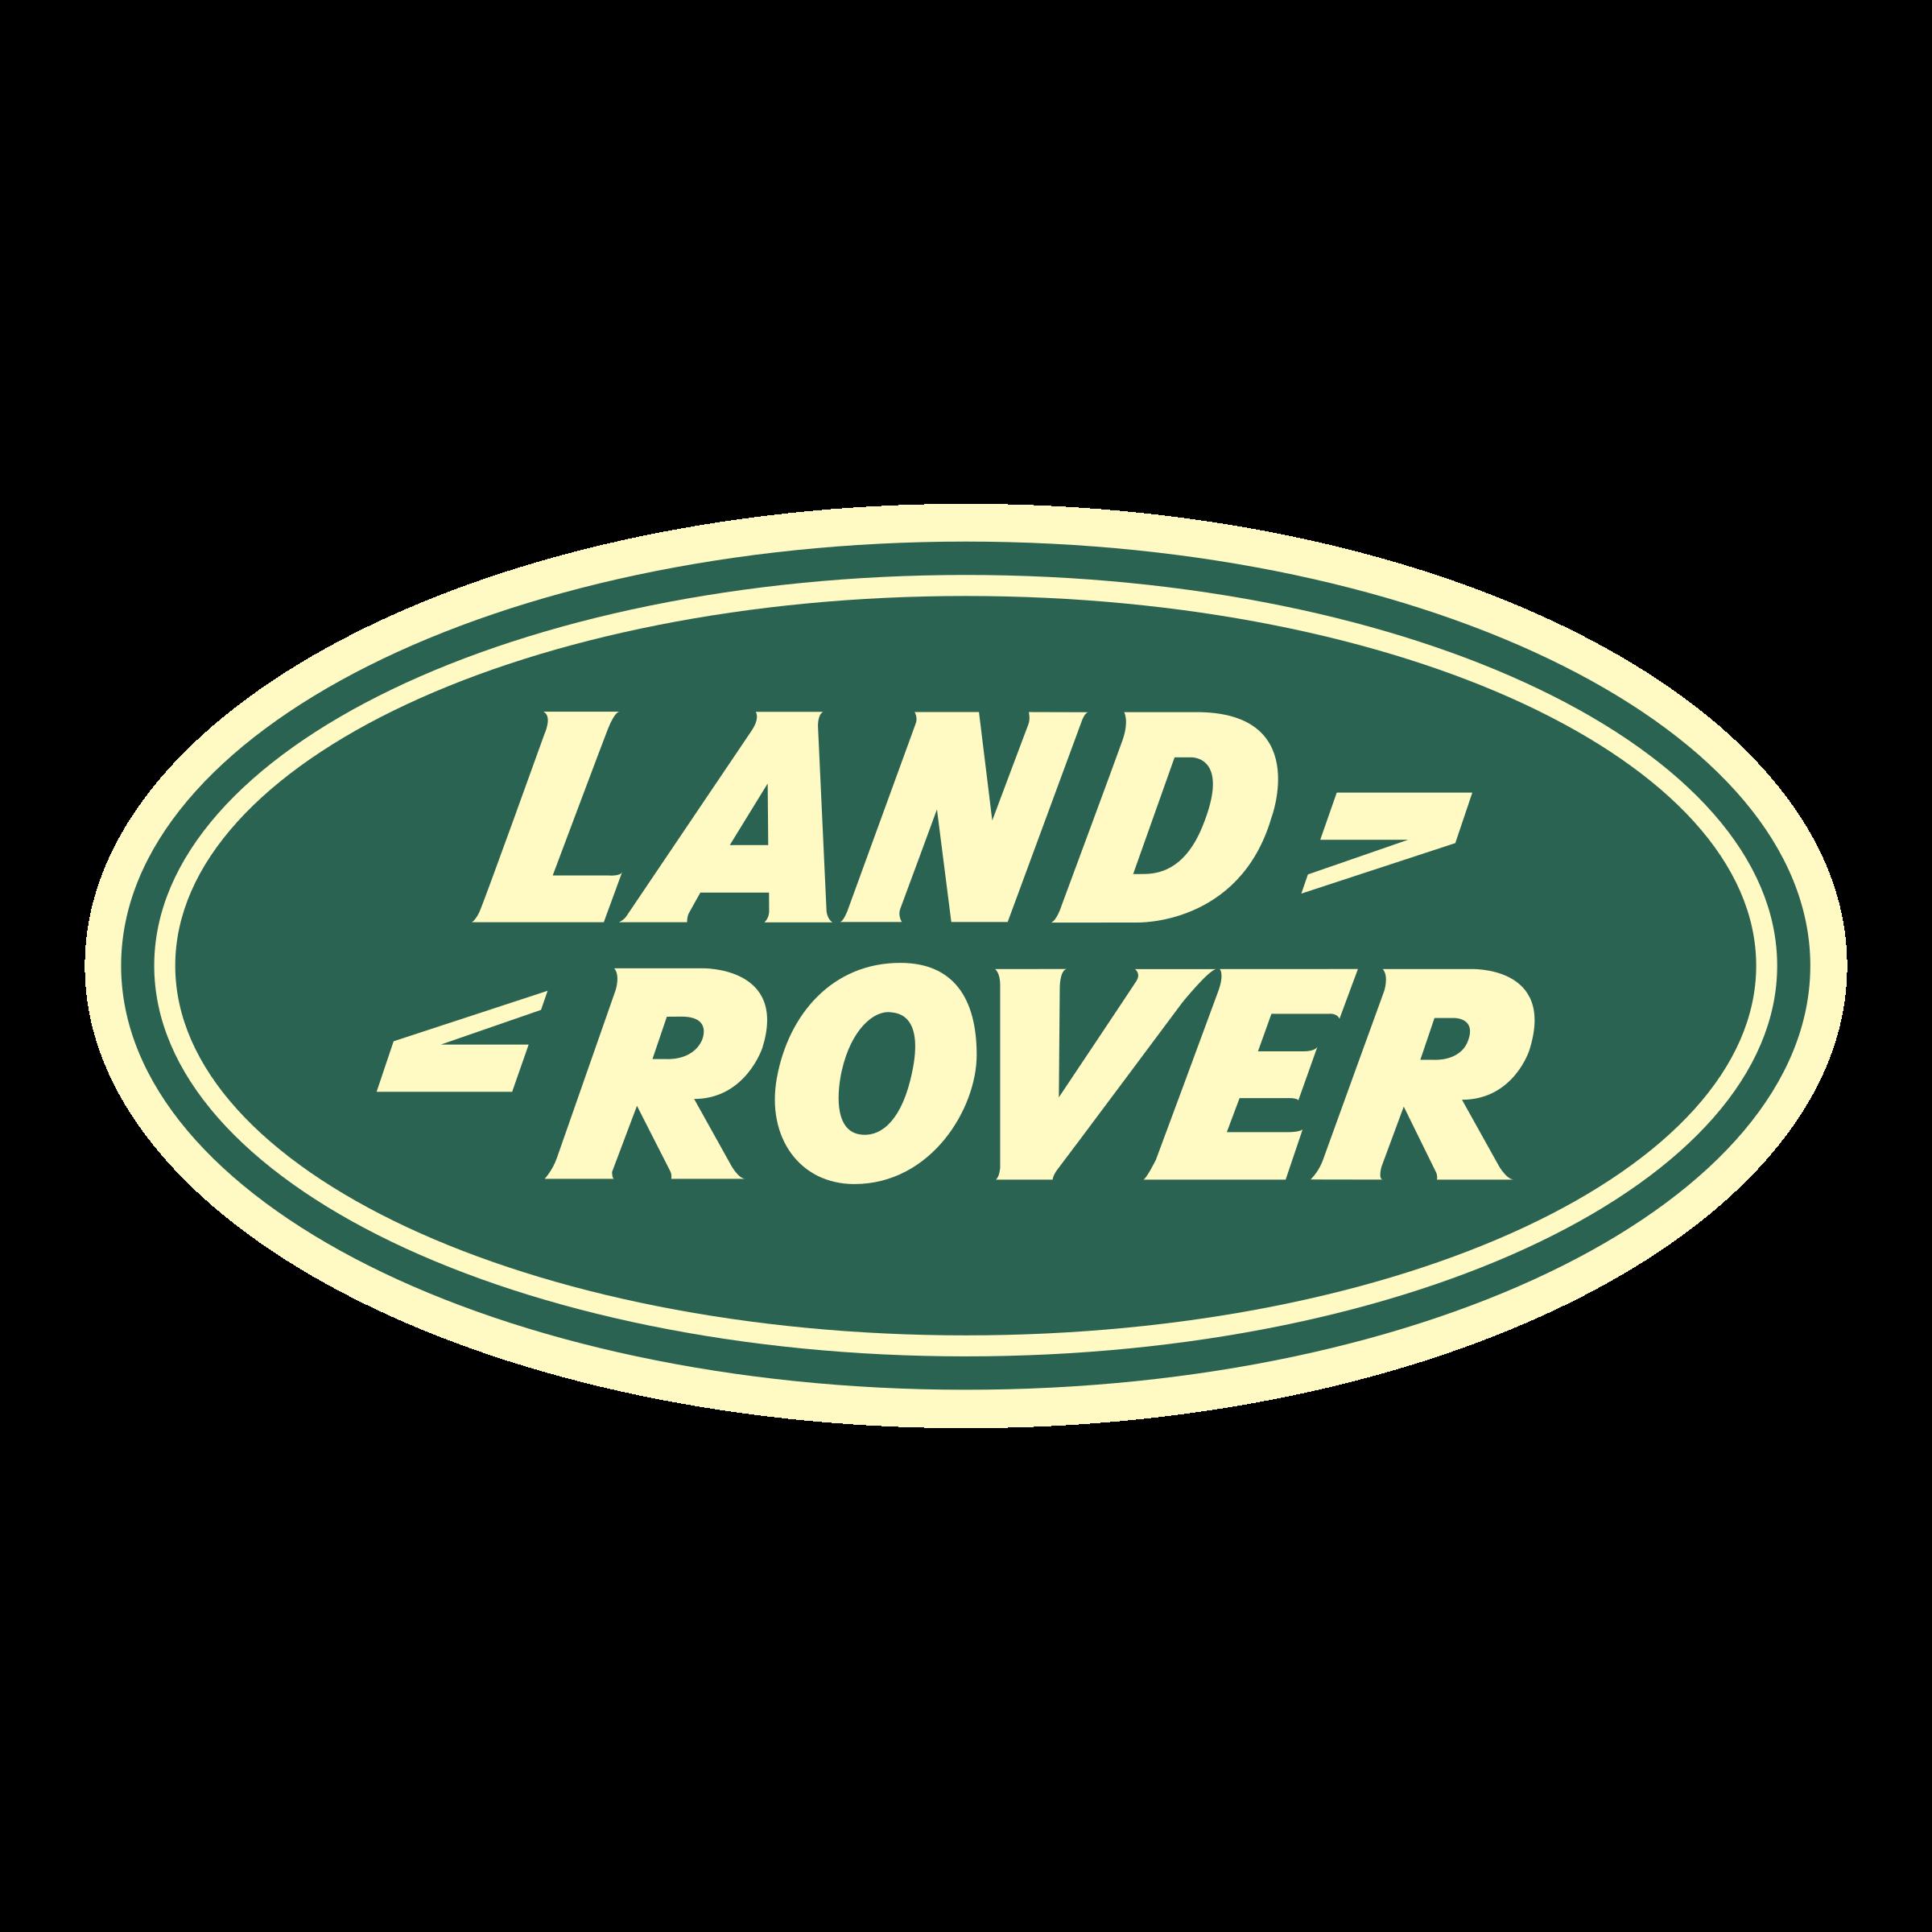 Land Rover Logo PNG Transparent & SVG Vector.